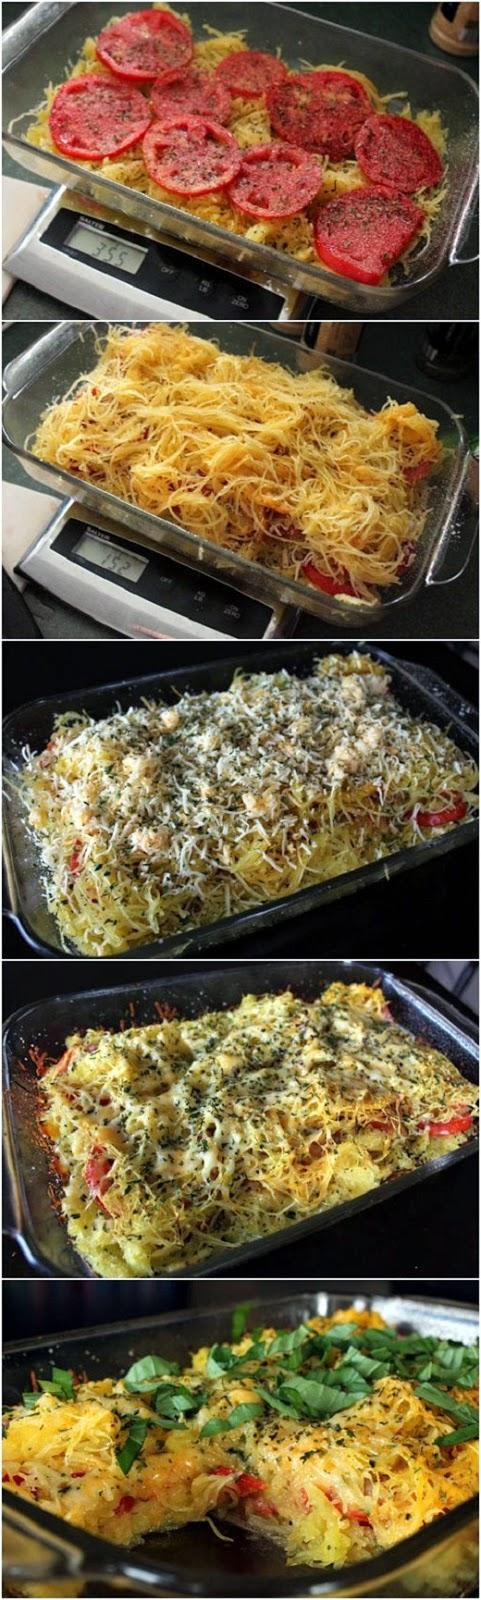 Tomato Basil Spaghetti Squash Bake ~ knowkitchen